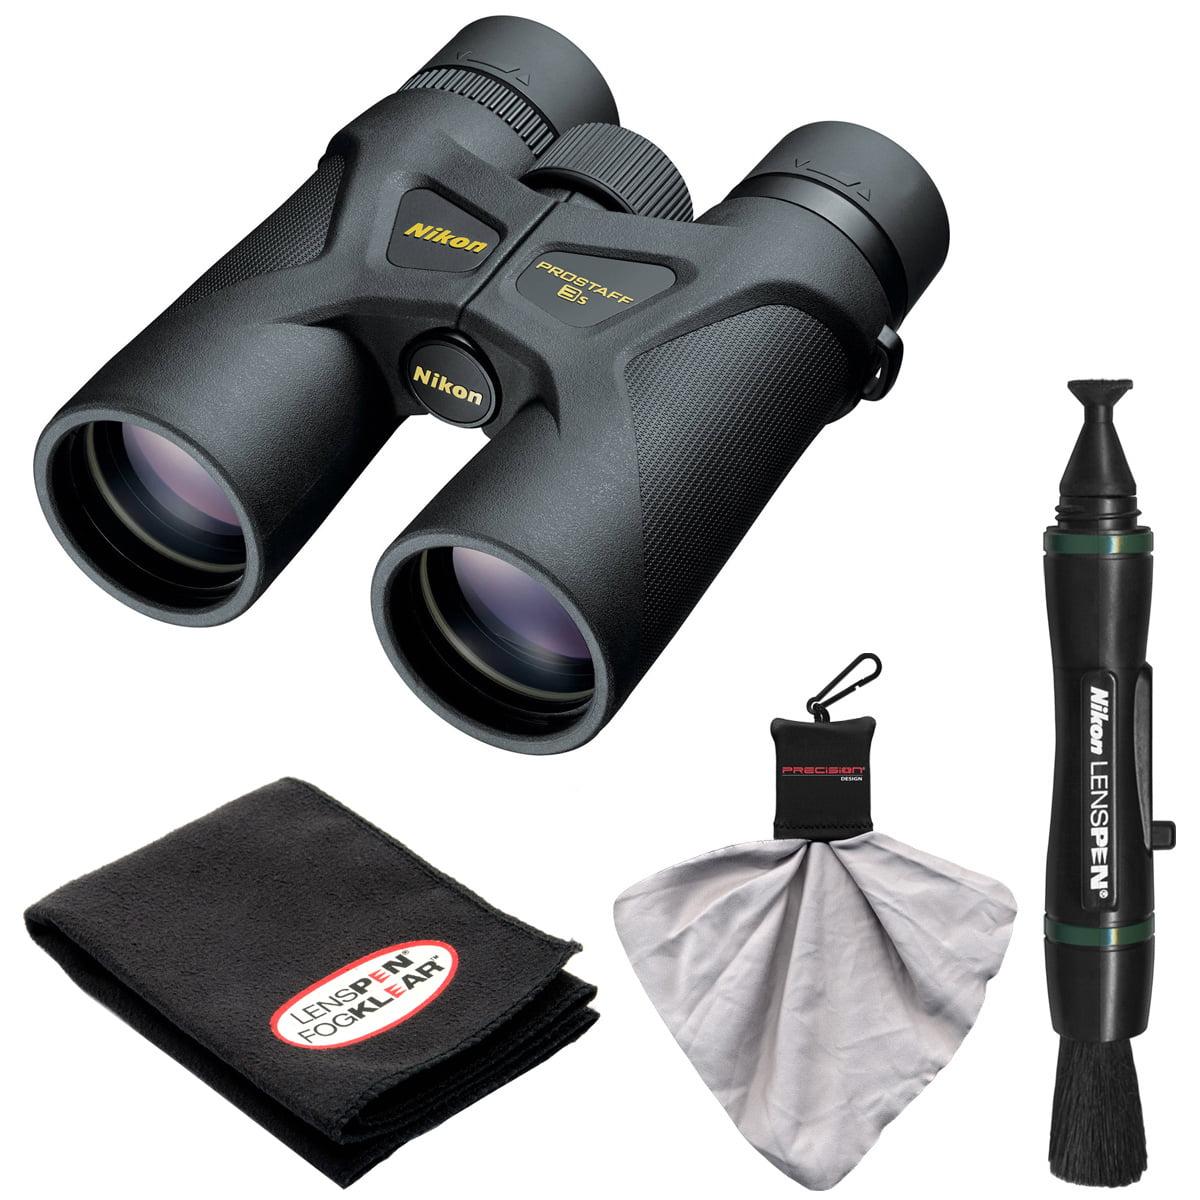 Best Birding Binoculars Nikons - Nikon Prostaff 3S 10x42 Waterproof/Fogproof Binoculars with Case Review